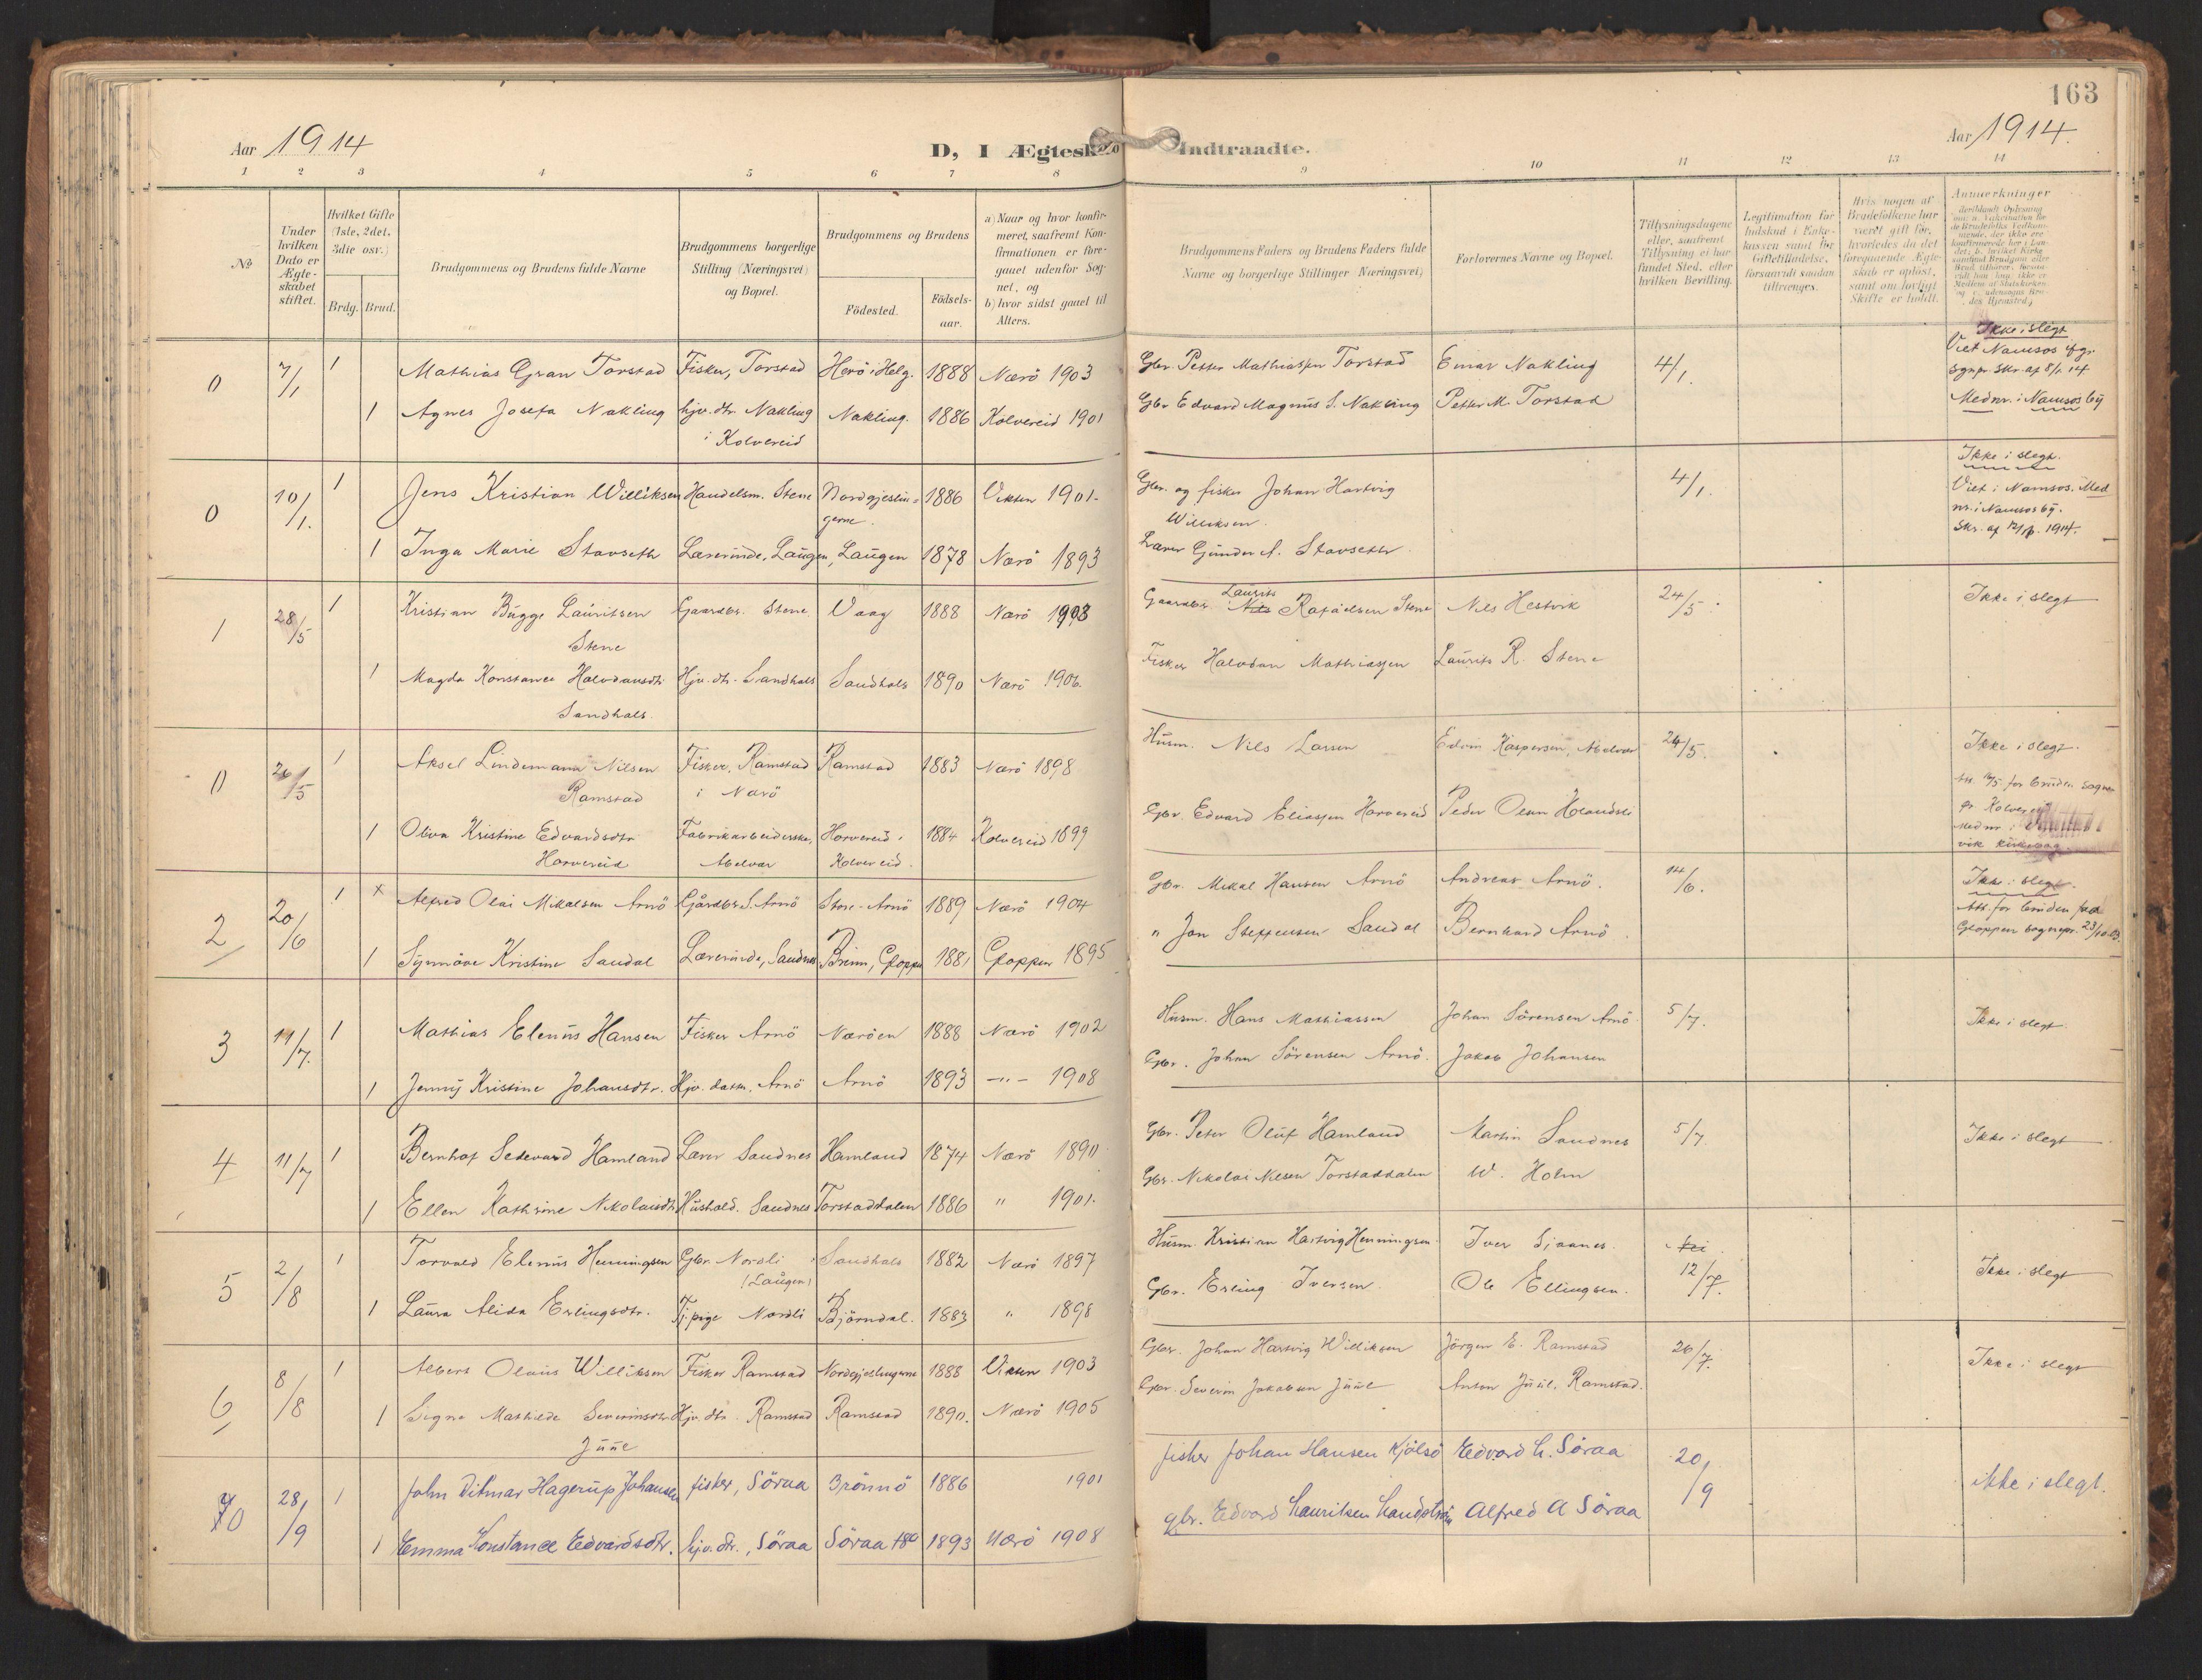 SAT, Ministerialprotokoller, klokkerbøker og fødselsregistre - Nord-Trøndelag, 784/L0677: Ministerialbok nr. 784A12, 1900-1920, s. 163